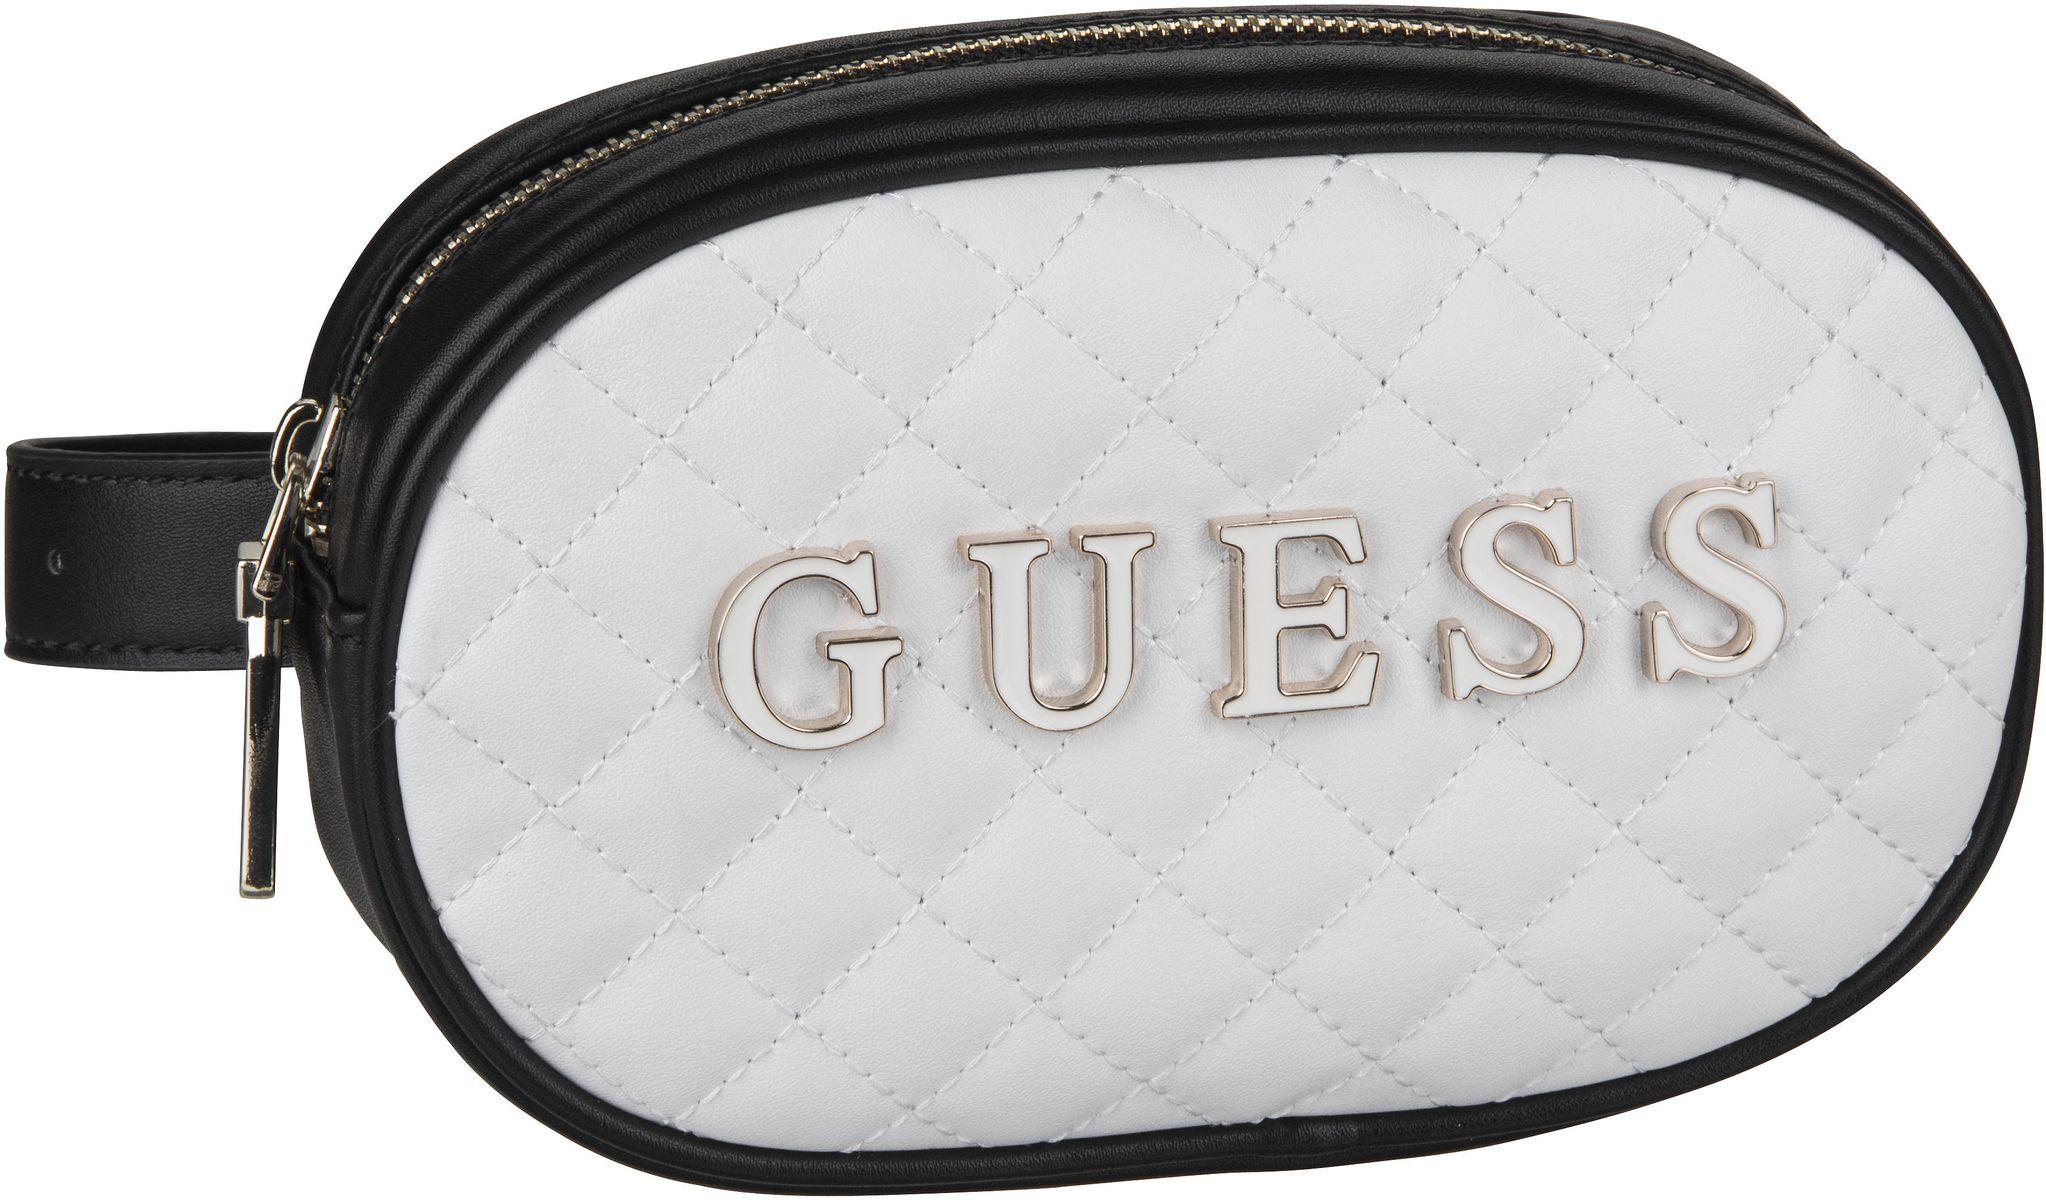 Kleinwaren für Frauen - Guess Gürteltasche Guess Passion XBody Belt Bag White Multi  - Onlineshop Taschenkaufhaus